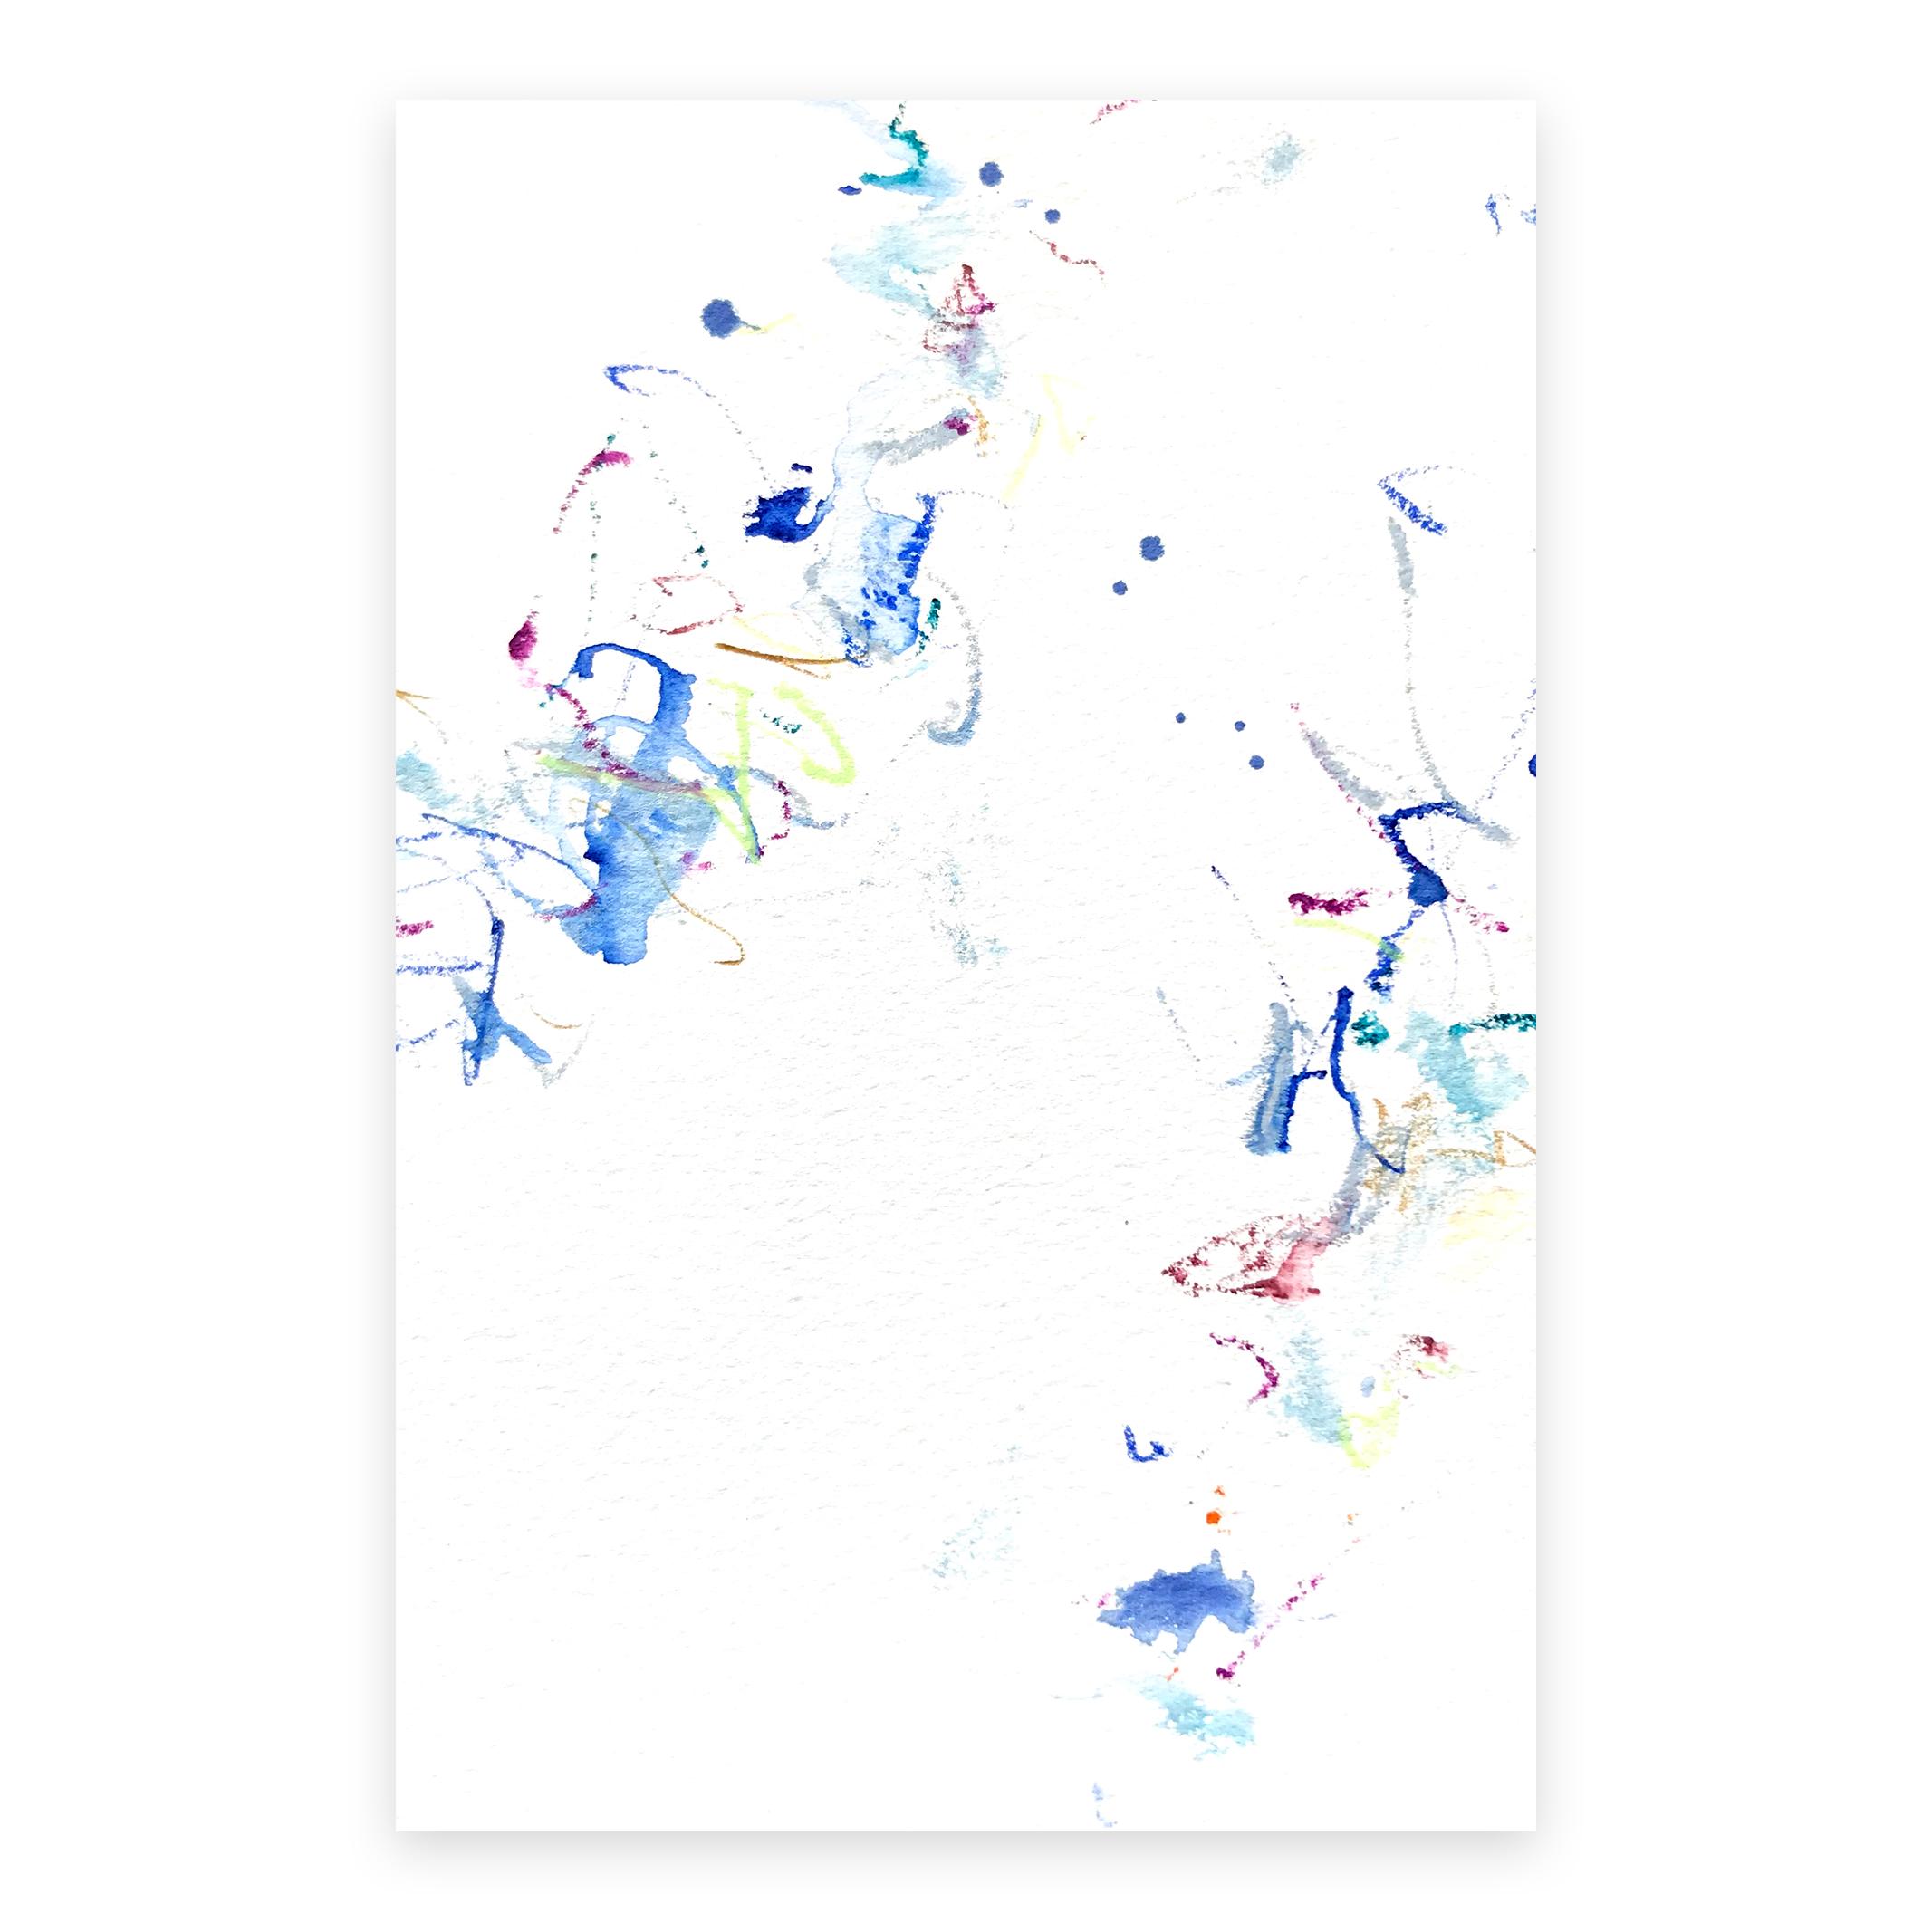 dd_dec16181  Mixed media on paper 14.8×10cm